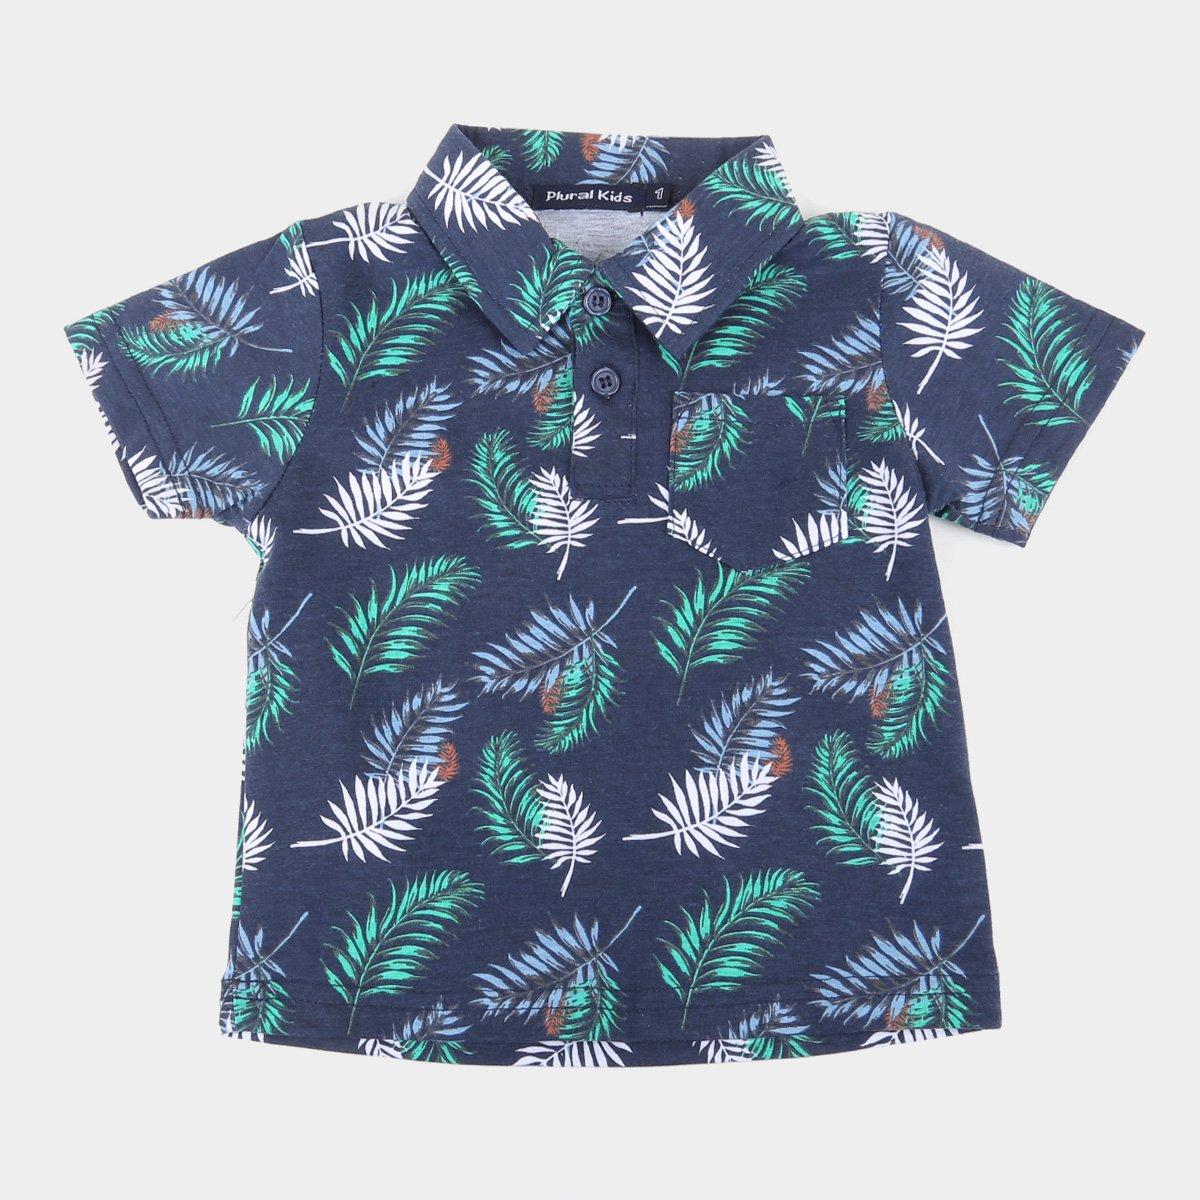 Camisa Polo Infantil Plural Kids Folhagens Masculina